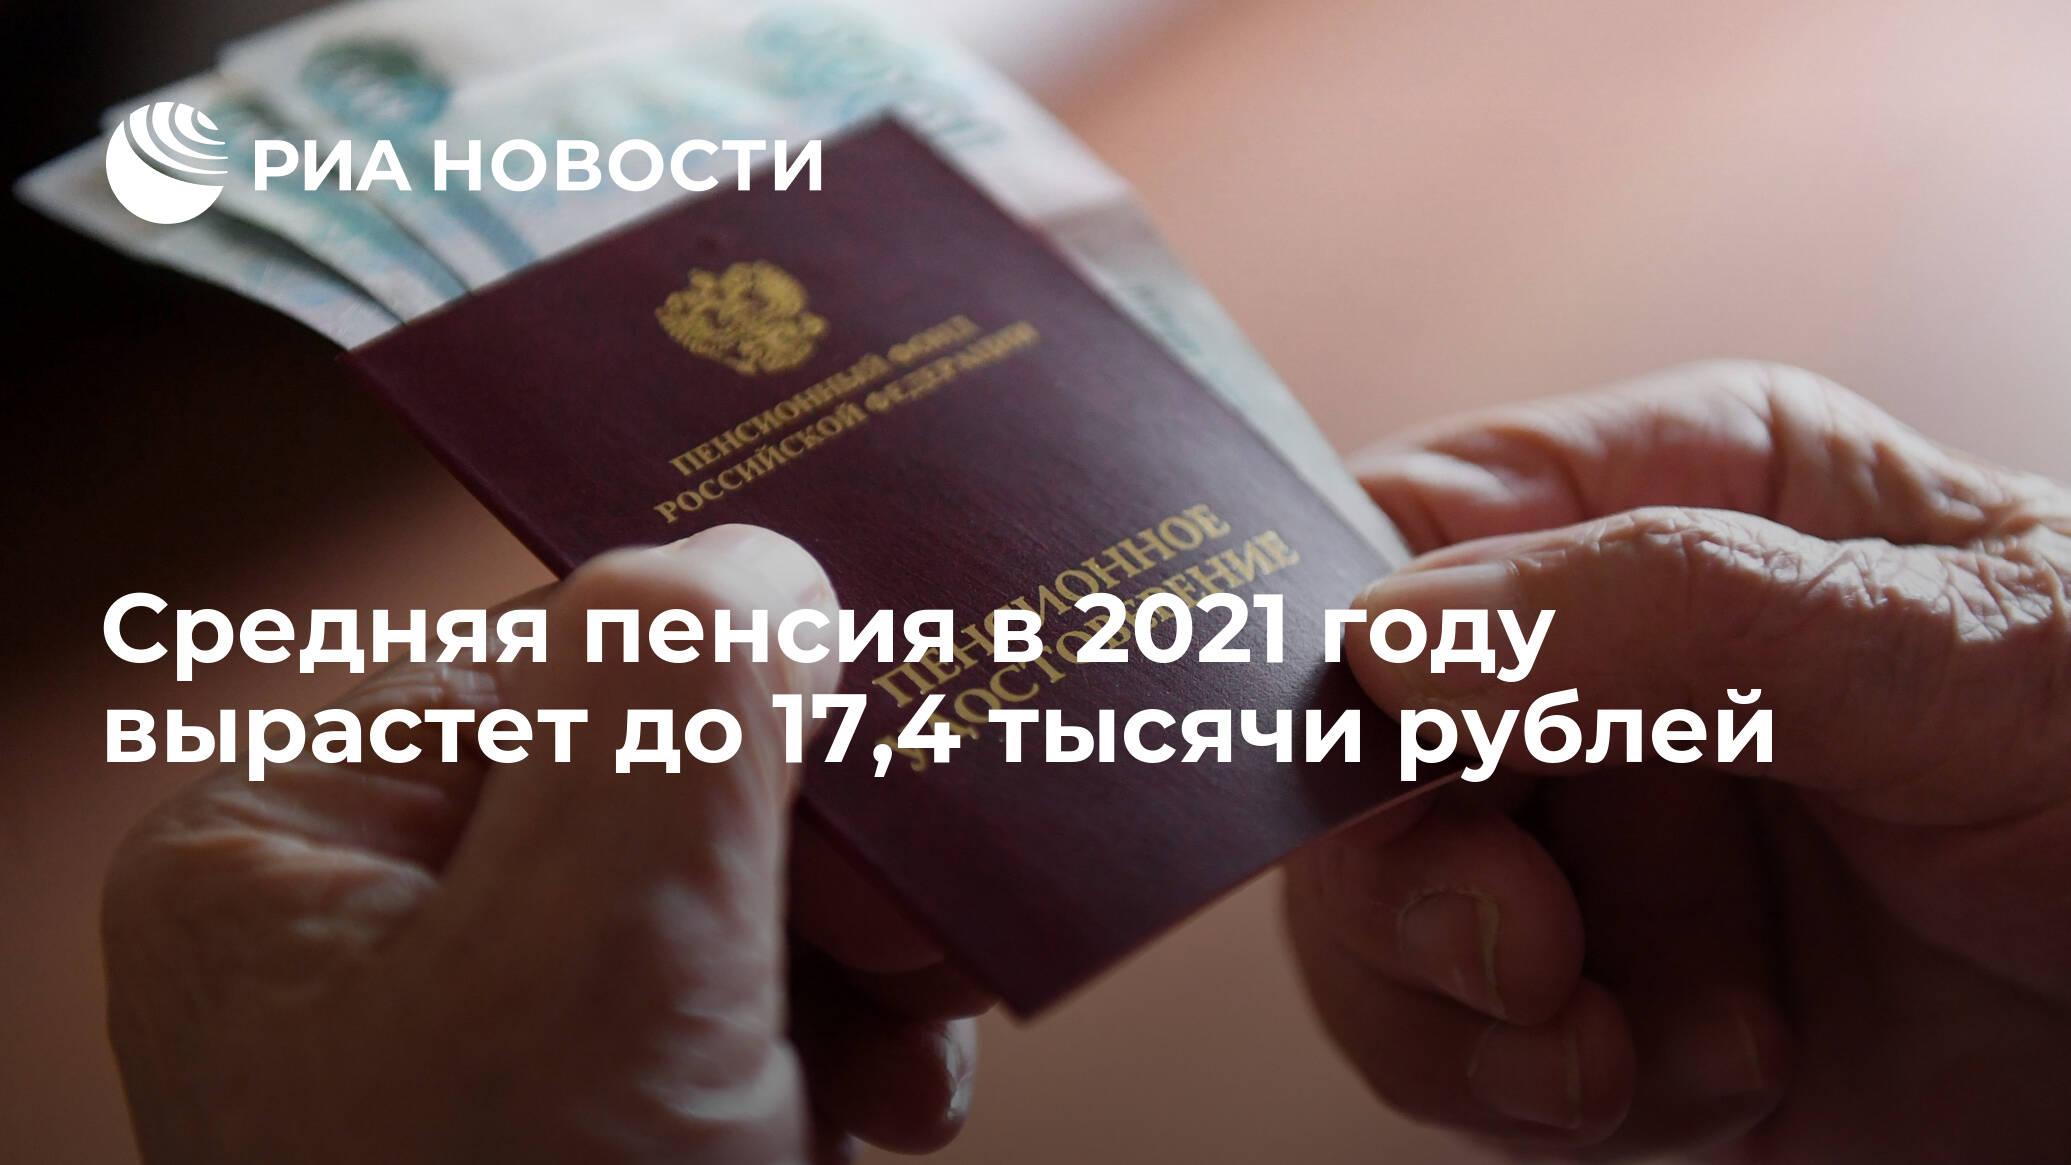 В России вырастут пенсии - РИА НОВОСТИ